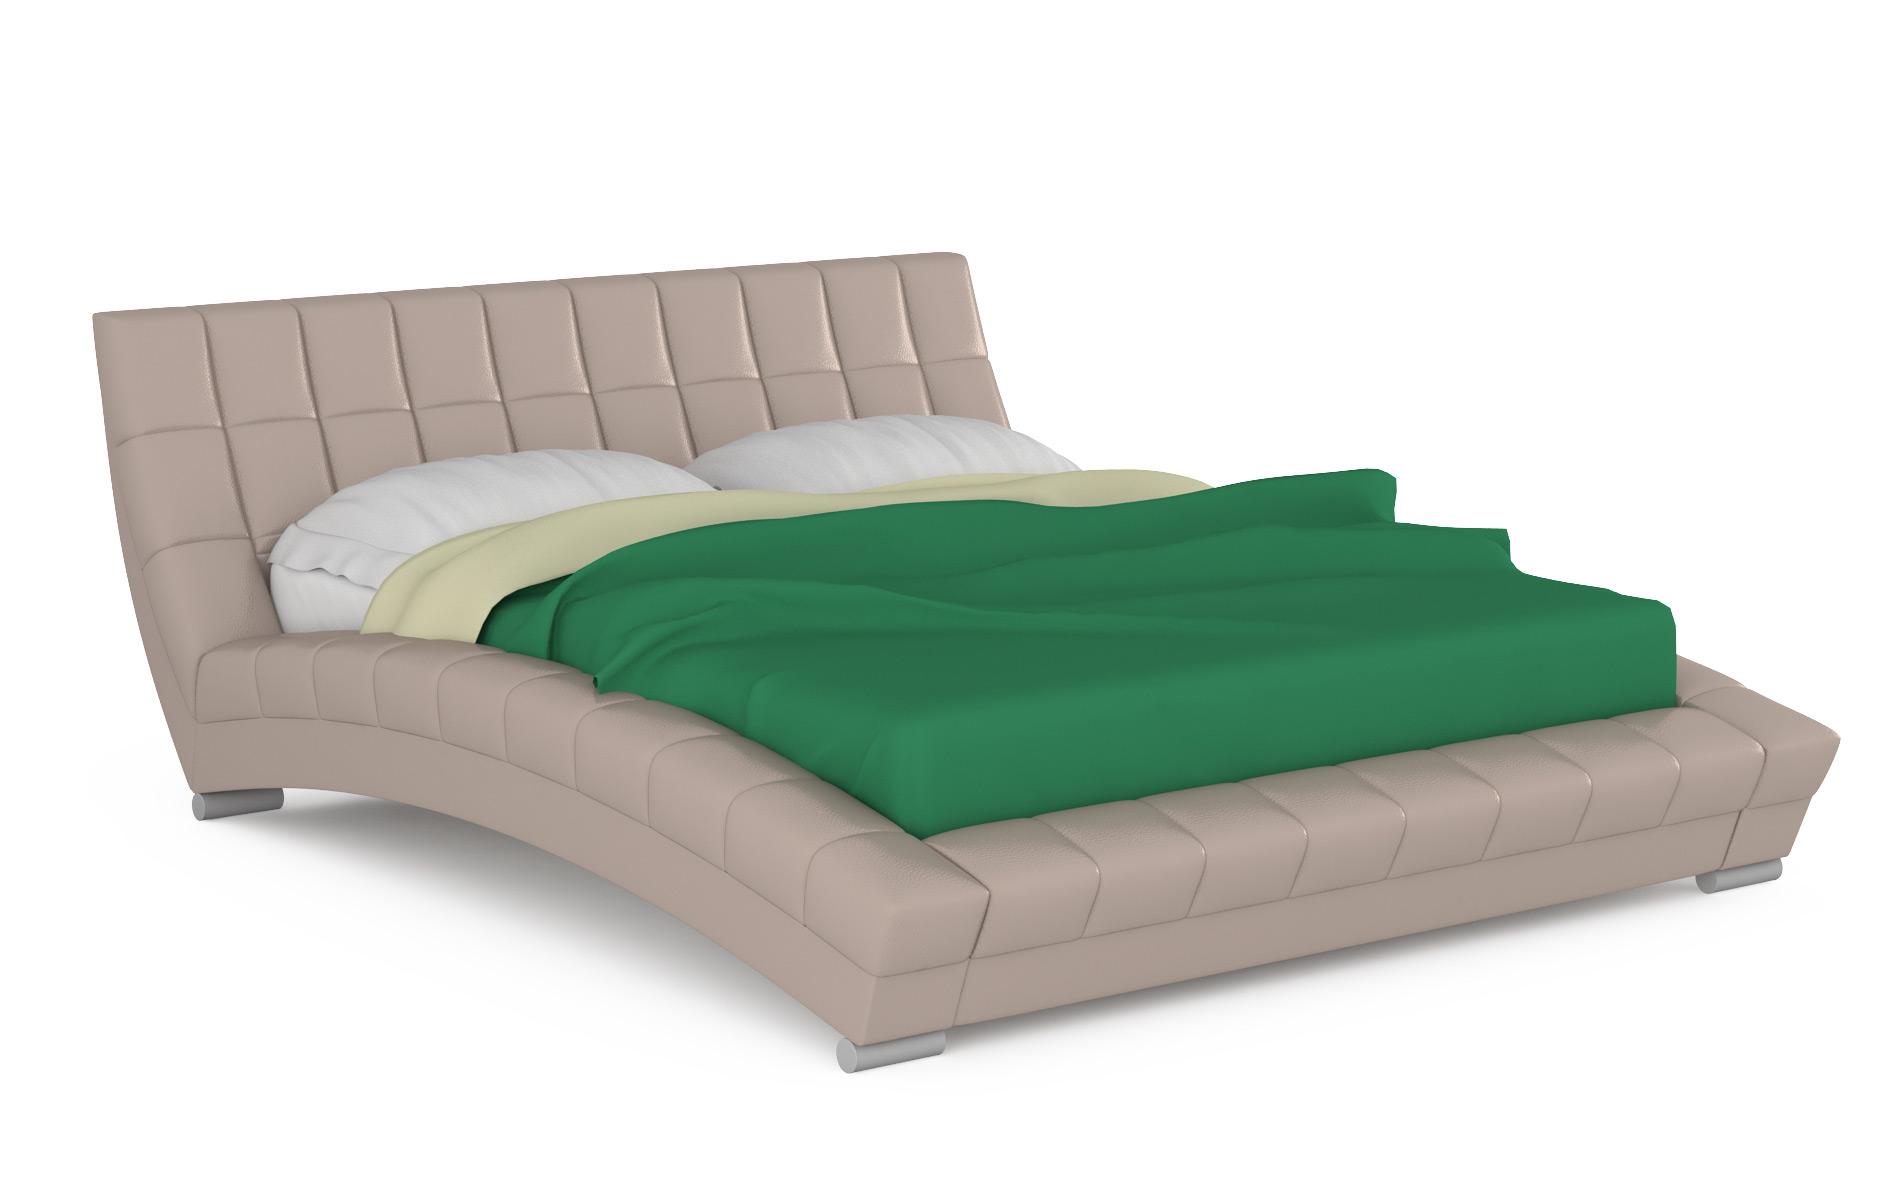 Кровать интерьерная Mobi Оливия 200х250х88 см, бежевый фото